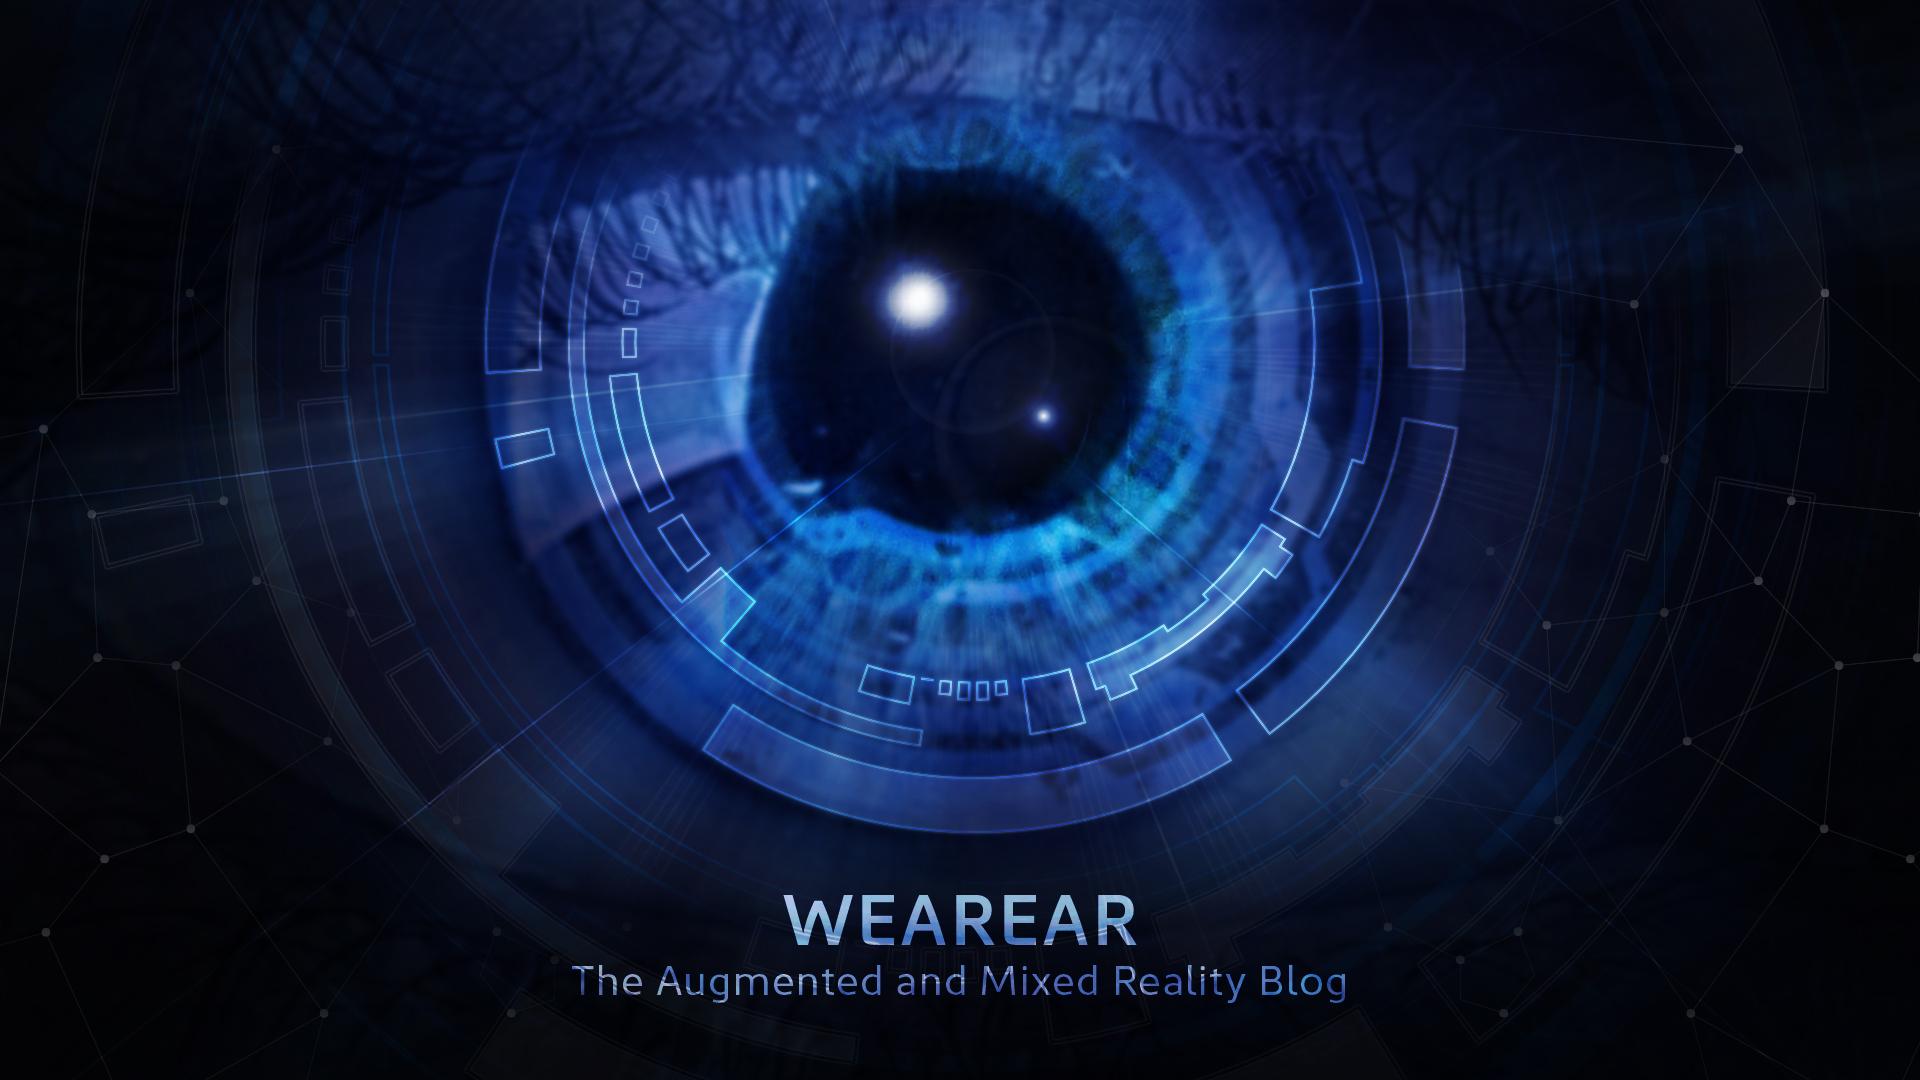 Reality report wearear